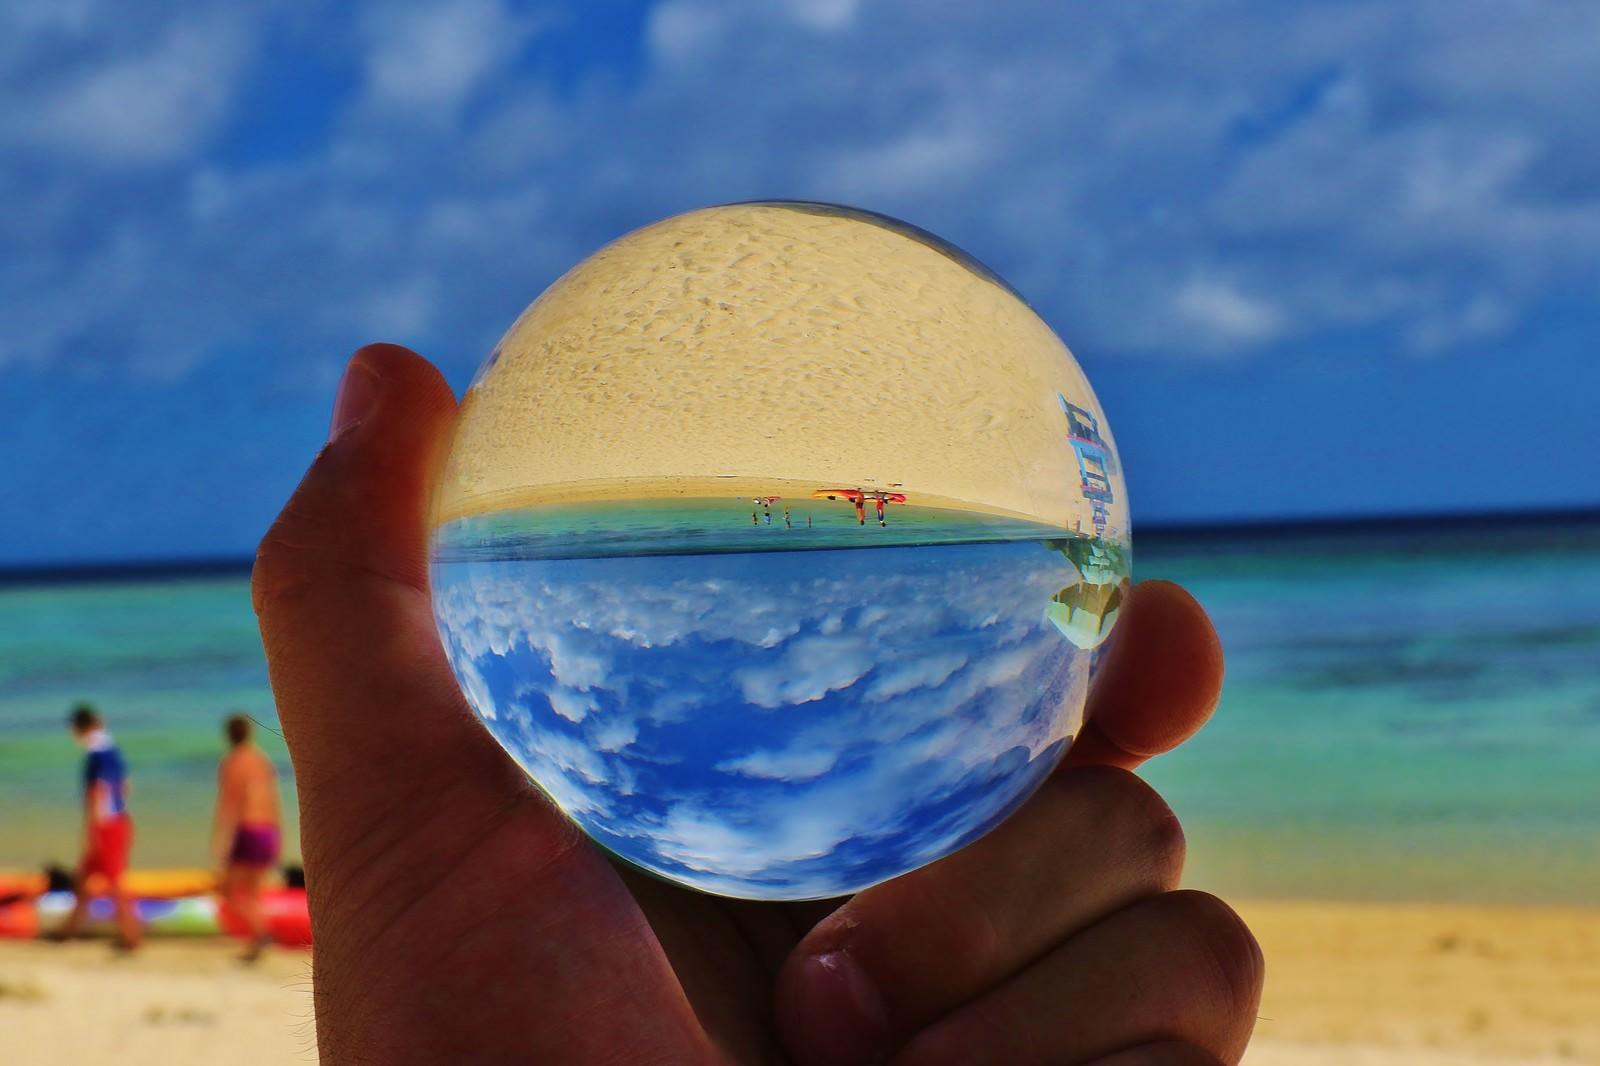 「真夏のビーチと水晶玉真夏のビーチと水晶玉」のフリー写真素材を拡大